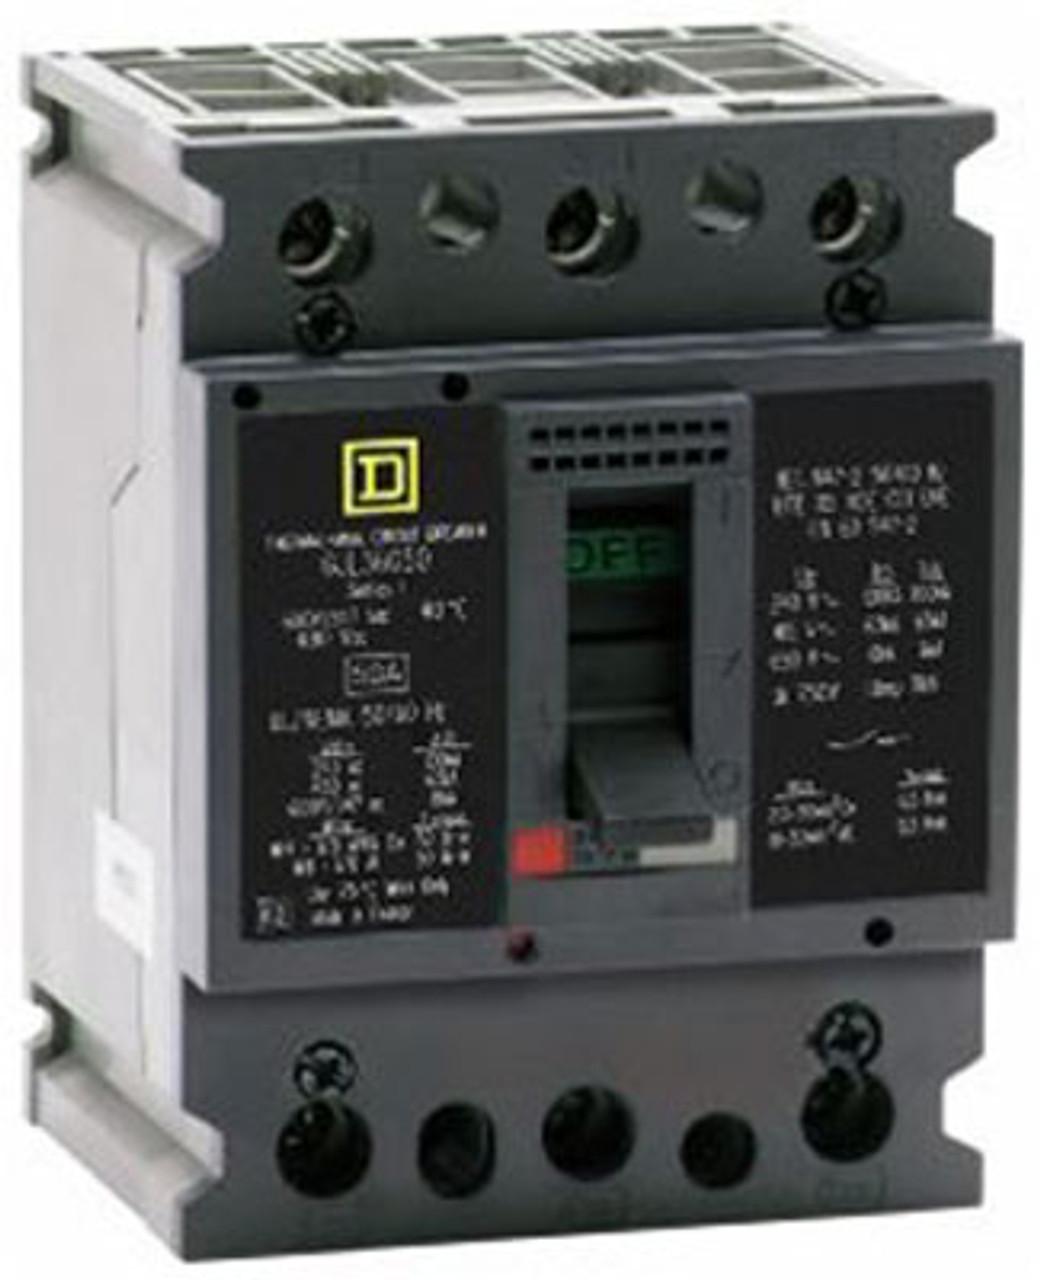 Square D GJL36020 3 Pole 20 Amp 600VAC MC Circuit Breaker - Used